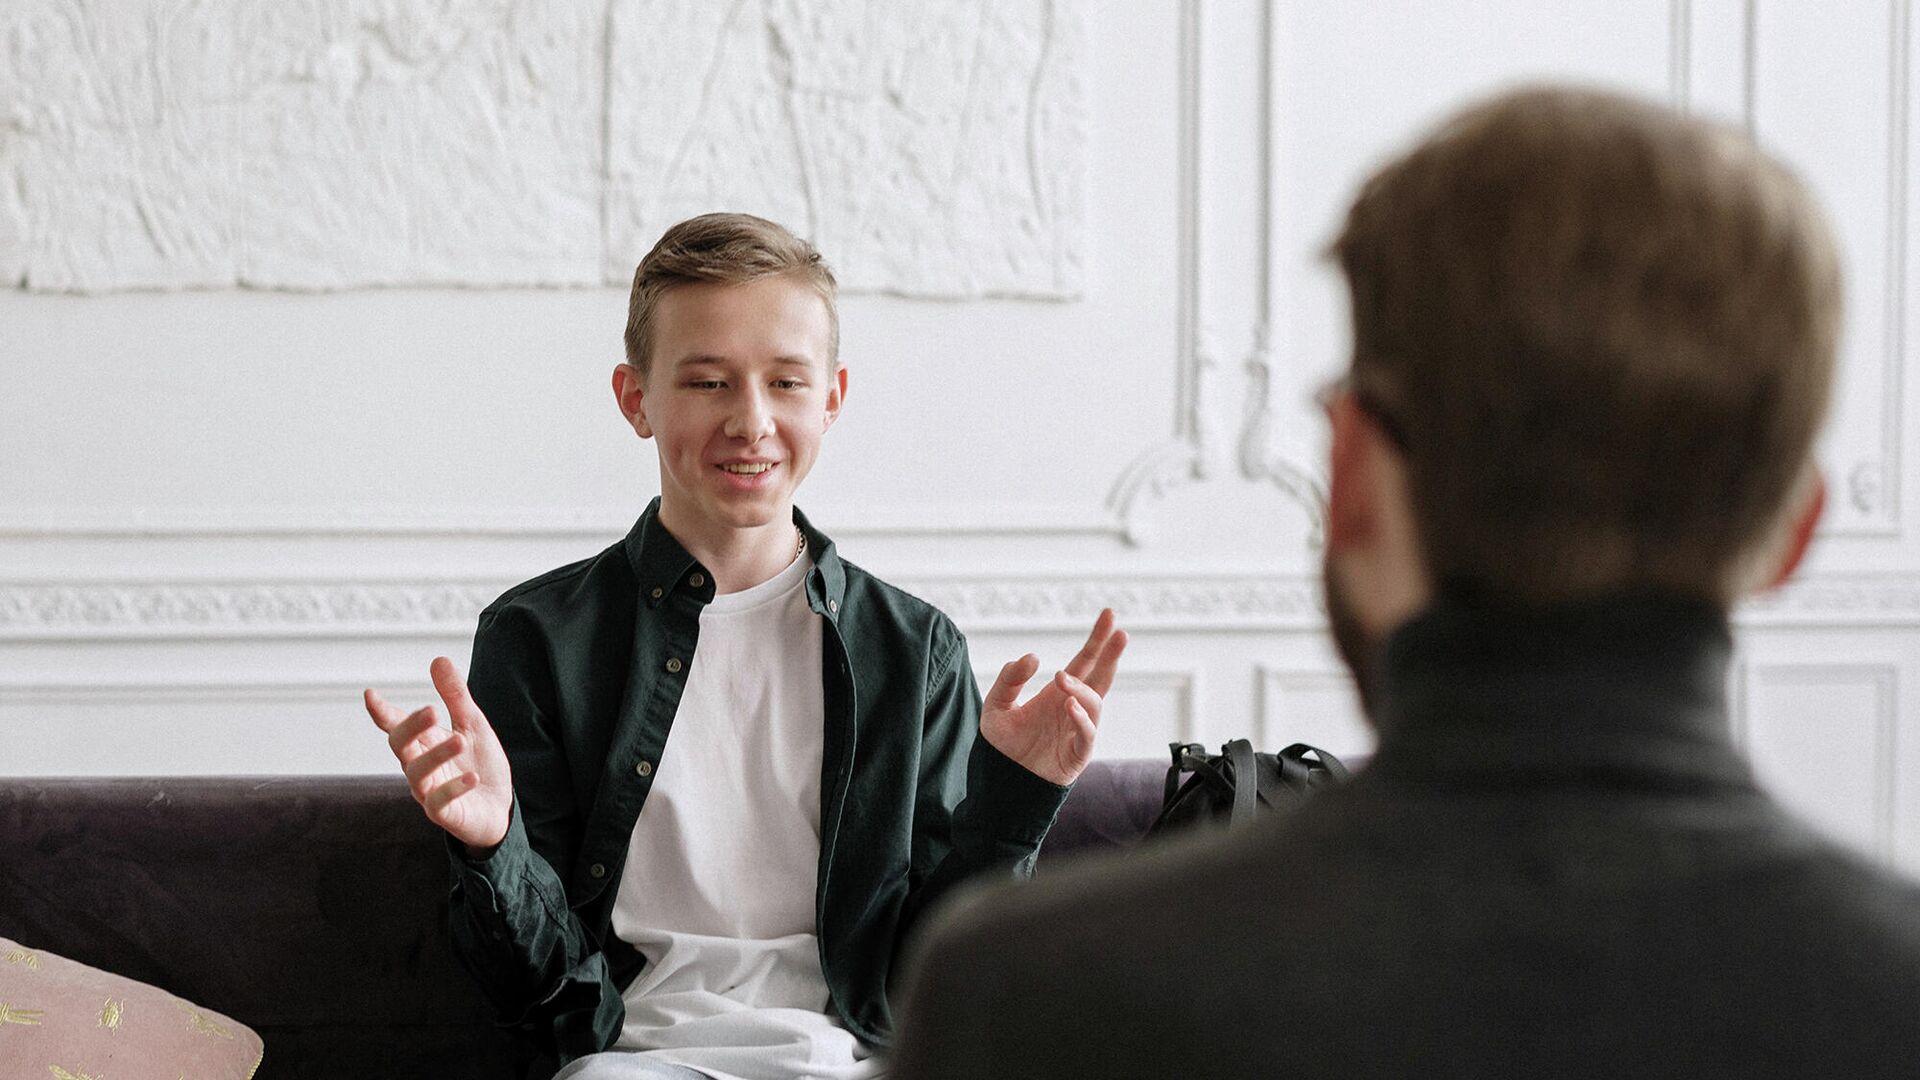 Подросток разговаривает с взрослым - РИА Новости, 1920, 01.04.2021